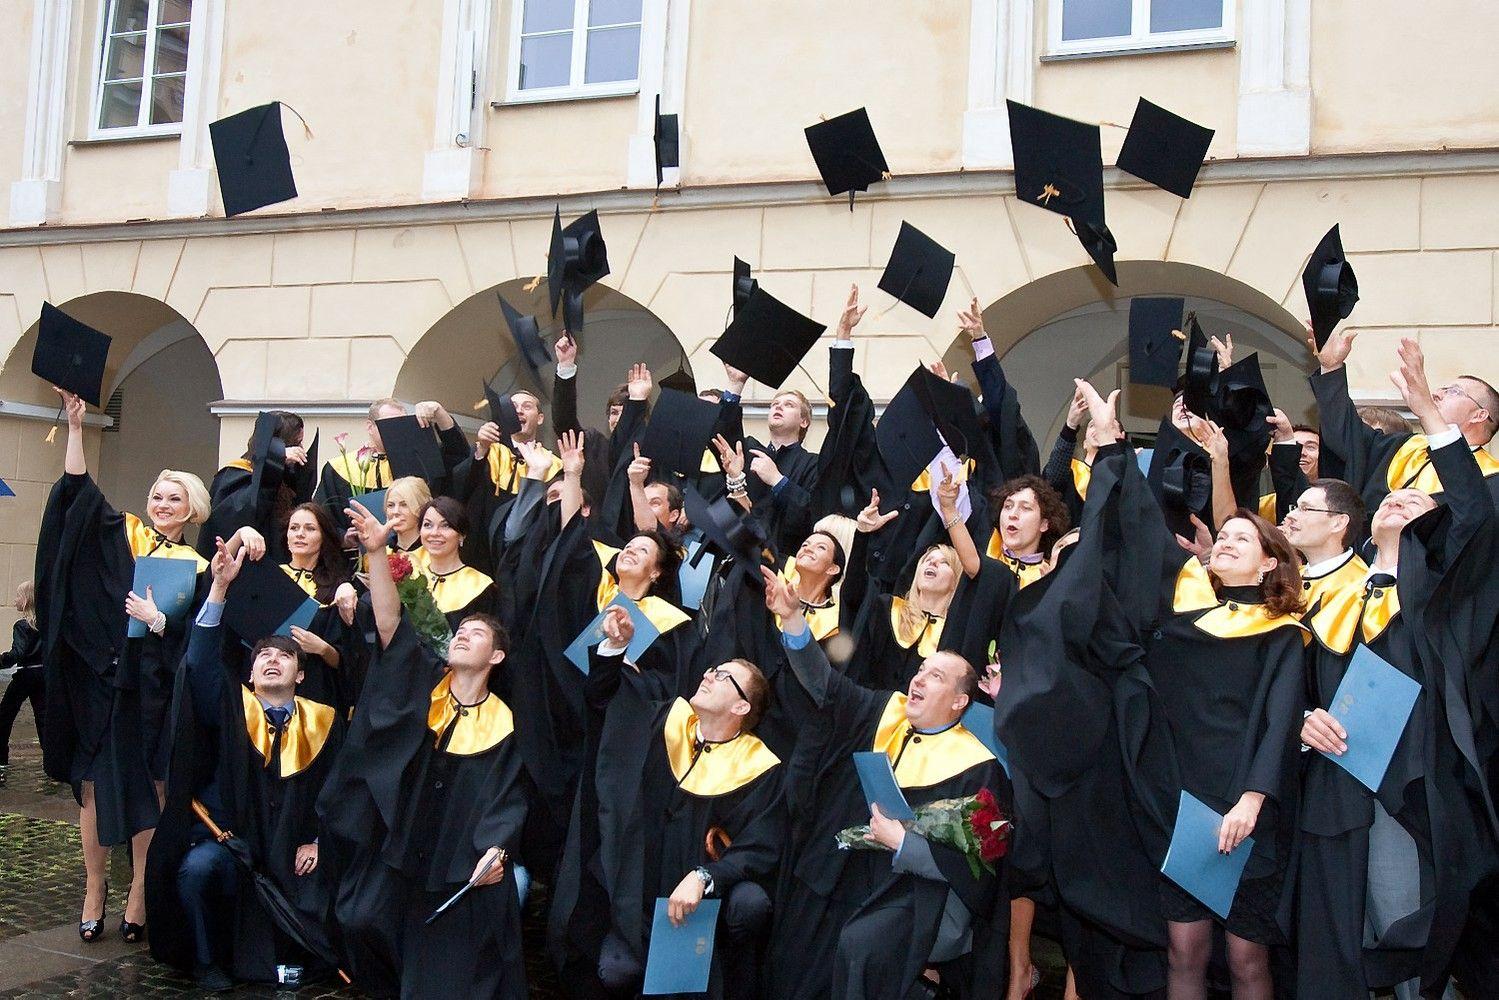 Į Lietuvos aukštąsias mokyklas įstojo 8,5% mažiau studentų